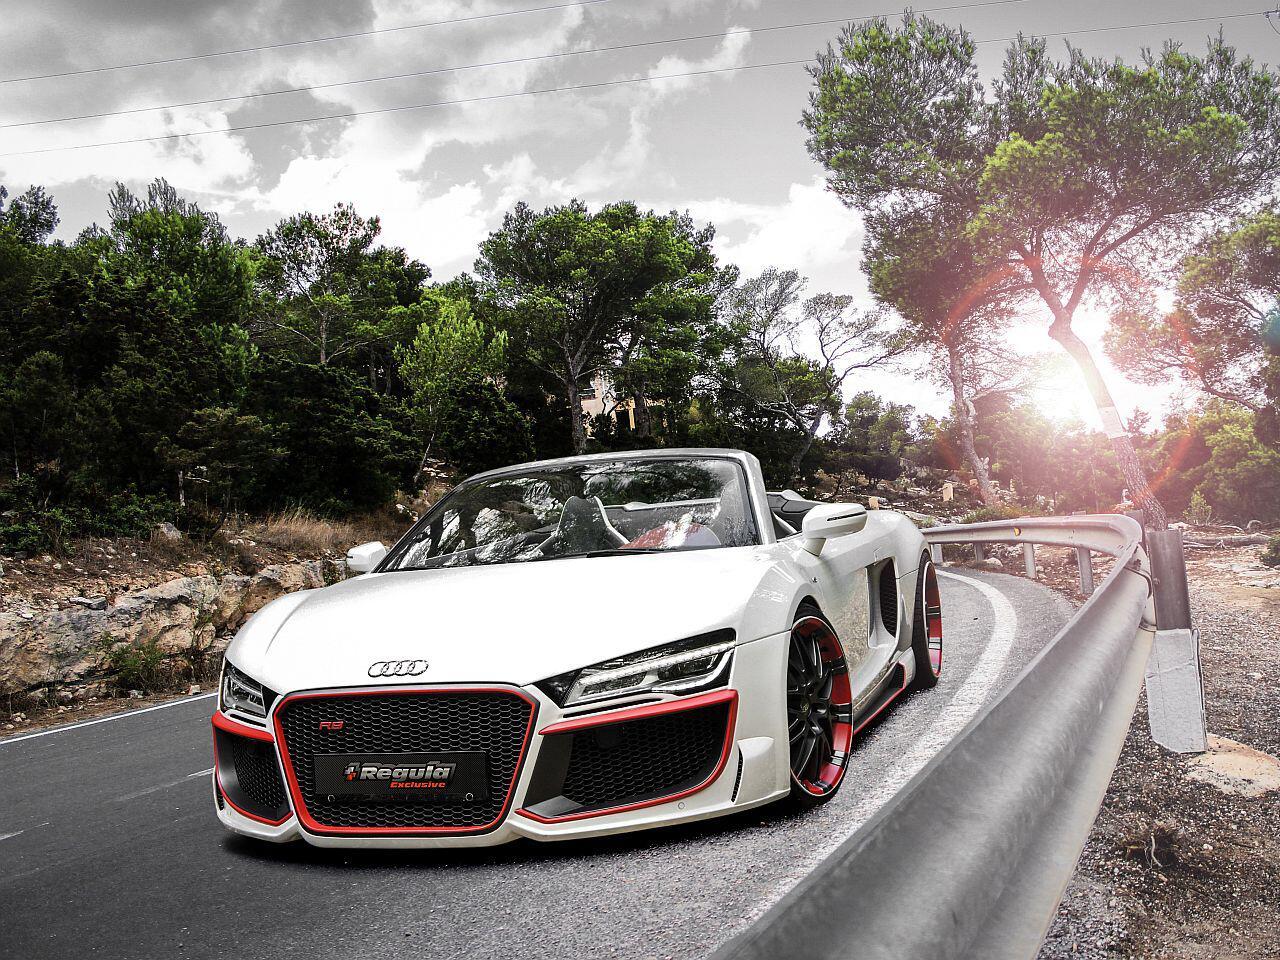 Bild zu Audi R8 V10 Spyder von Regula Tuning mit mächtig viel Carbon